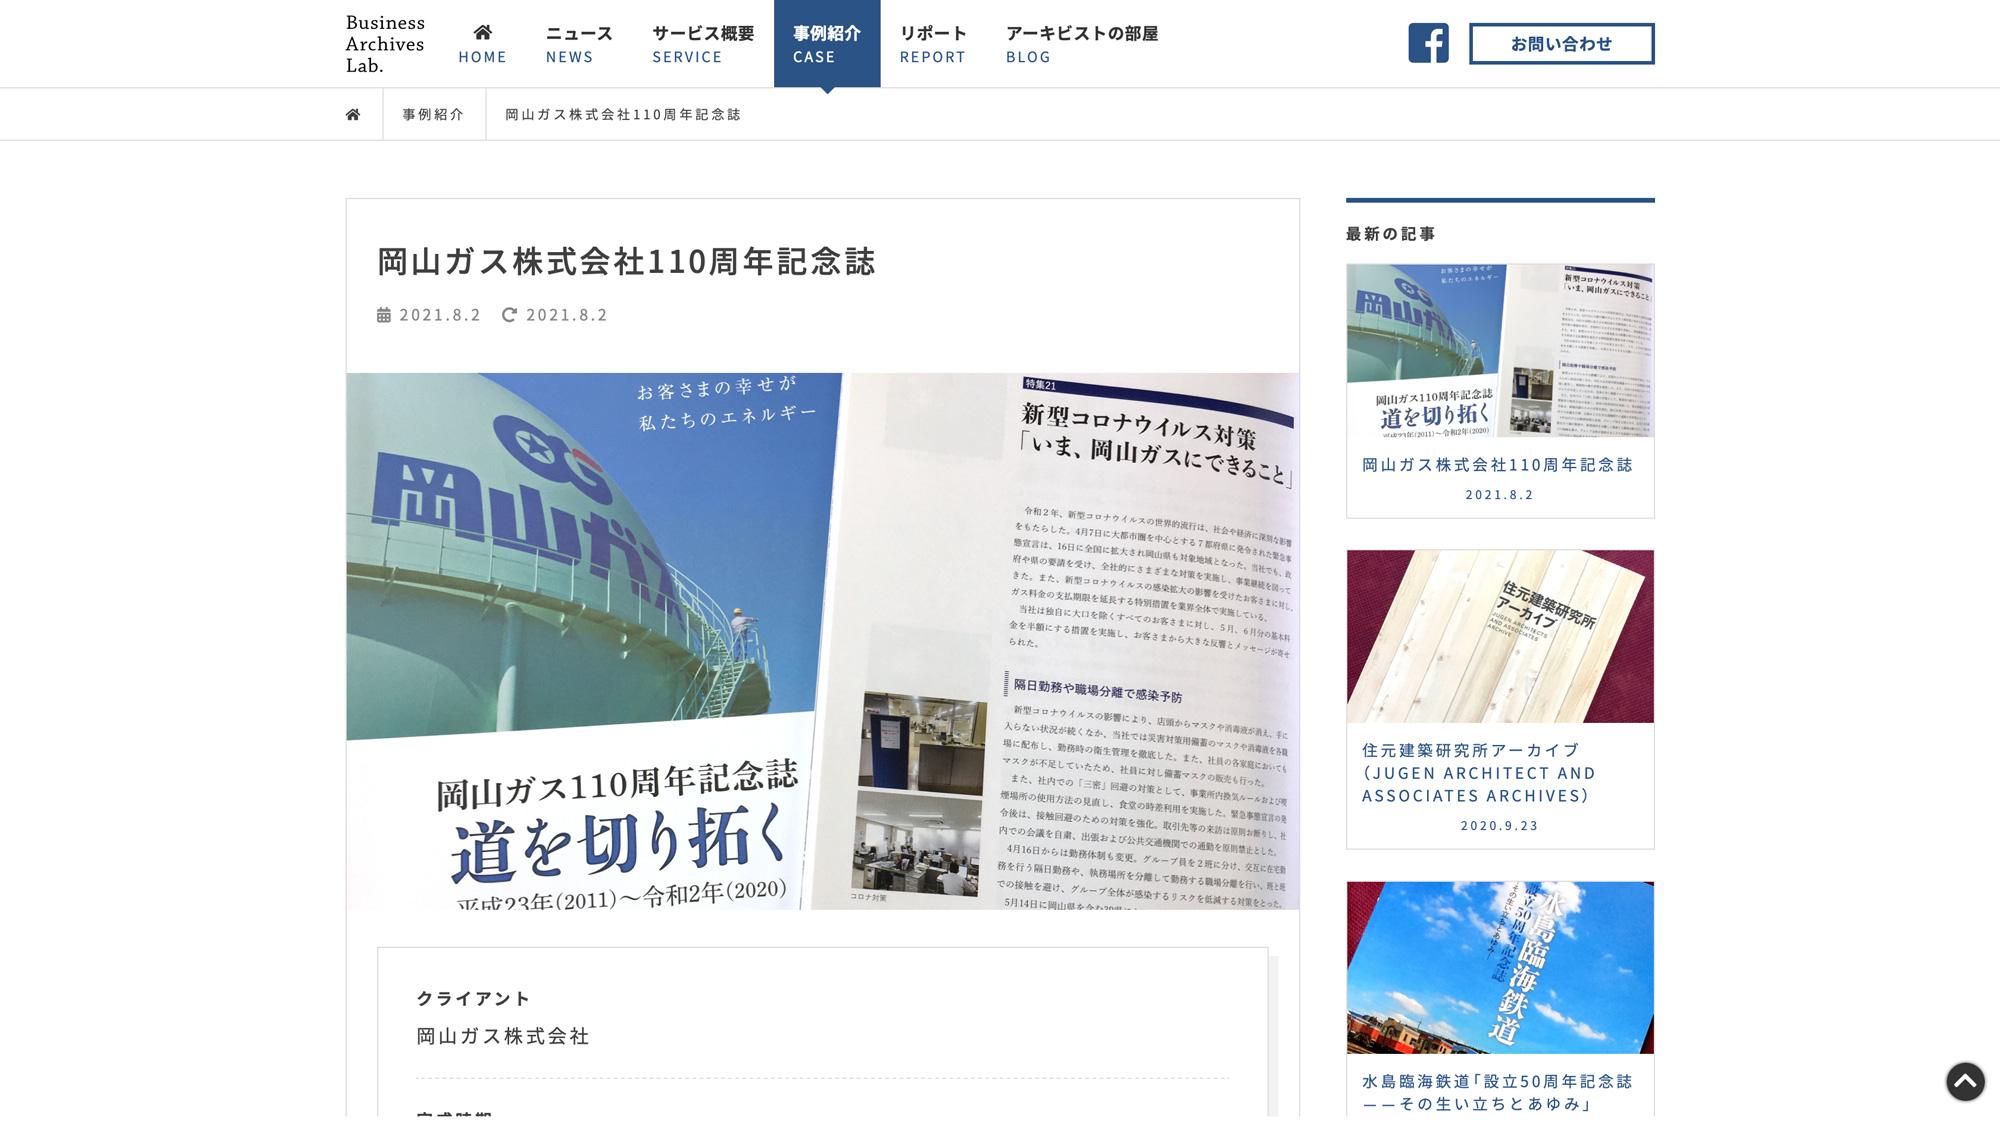 岡山ガス株式会社様の事例を公開しました